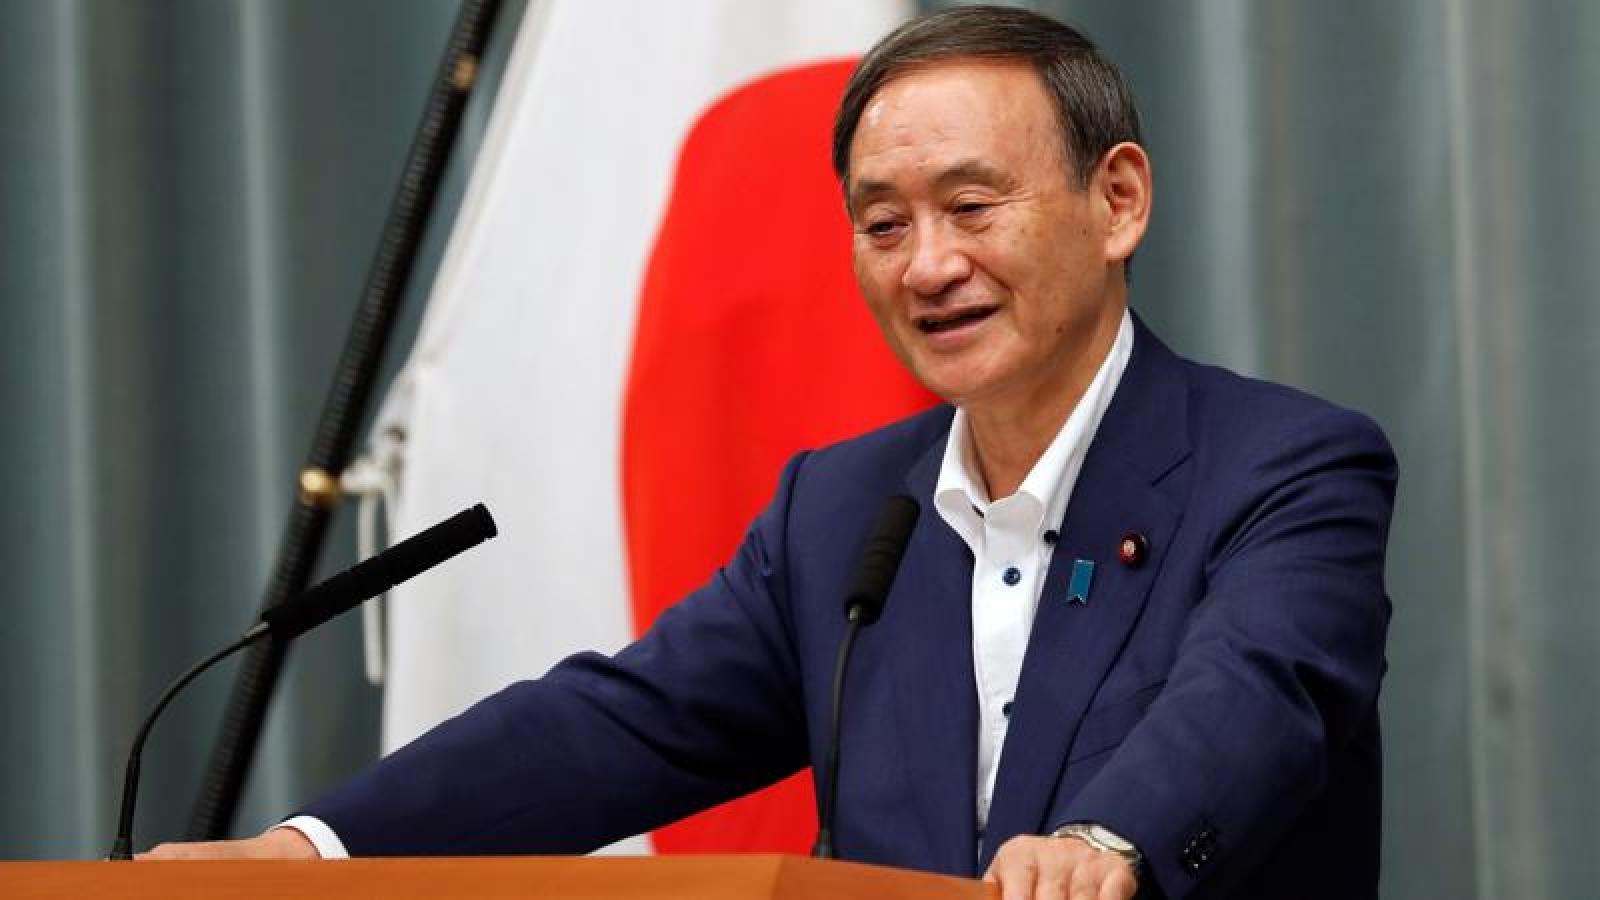 Ông Suga Yoshihide sẽ không tham gia cuộc đua Thủ tướng Nhật Bản nhiệm kỳ tới